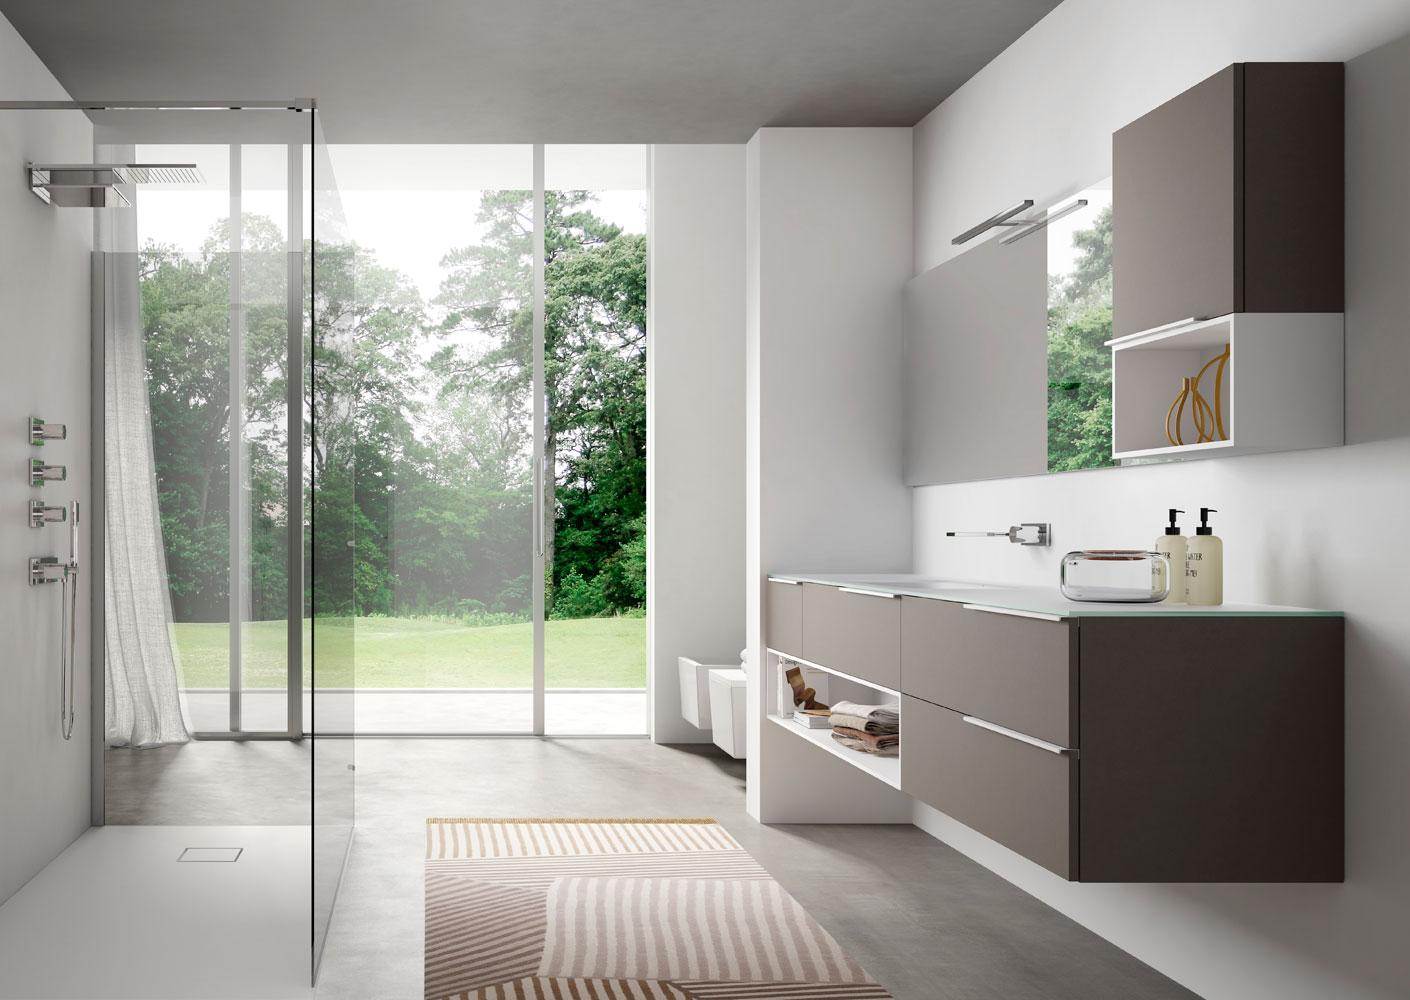 Dimensioni Vasca Da Bagno Dwg : My time mobili per bagno moderno e contemporaneo ideagroup